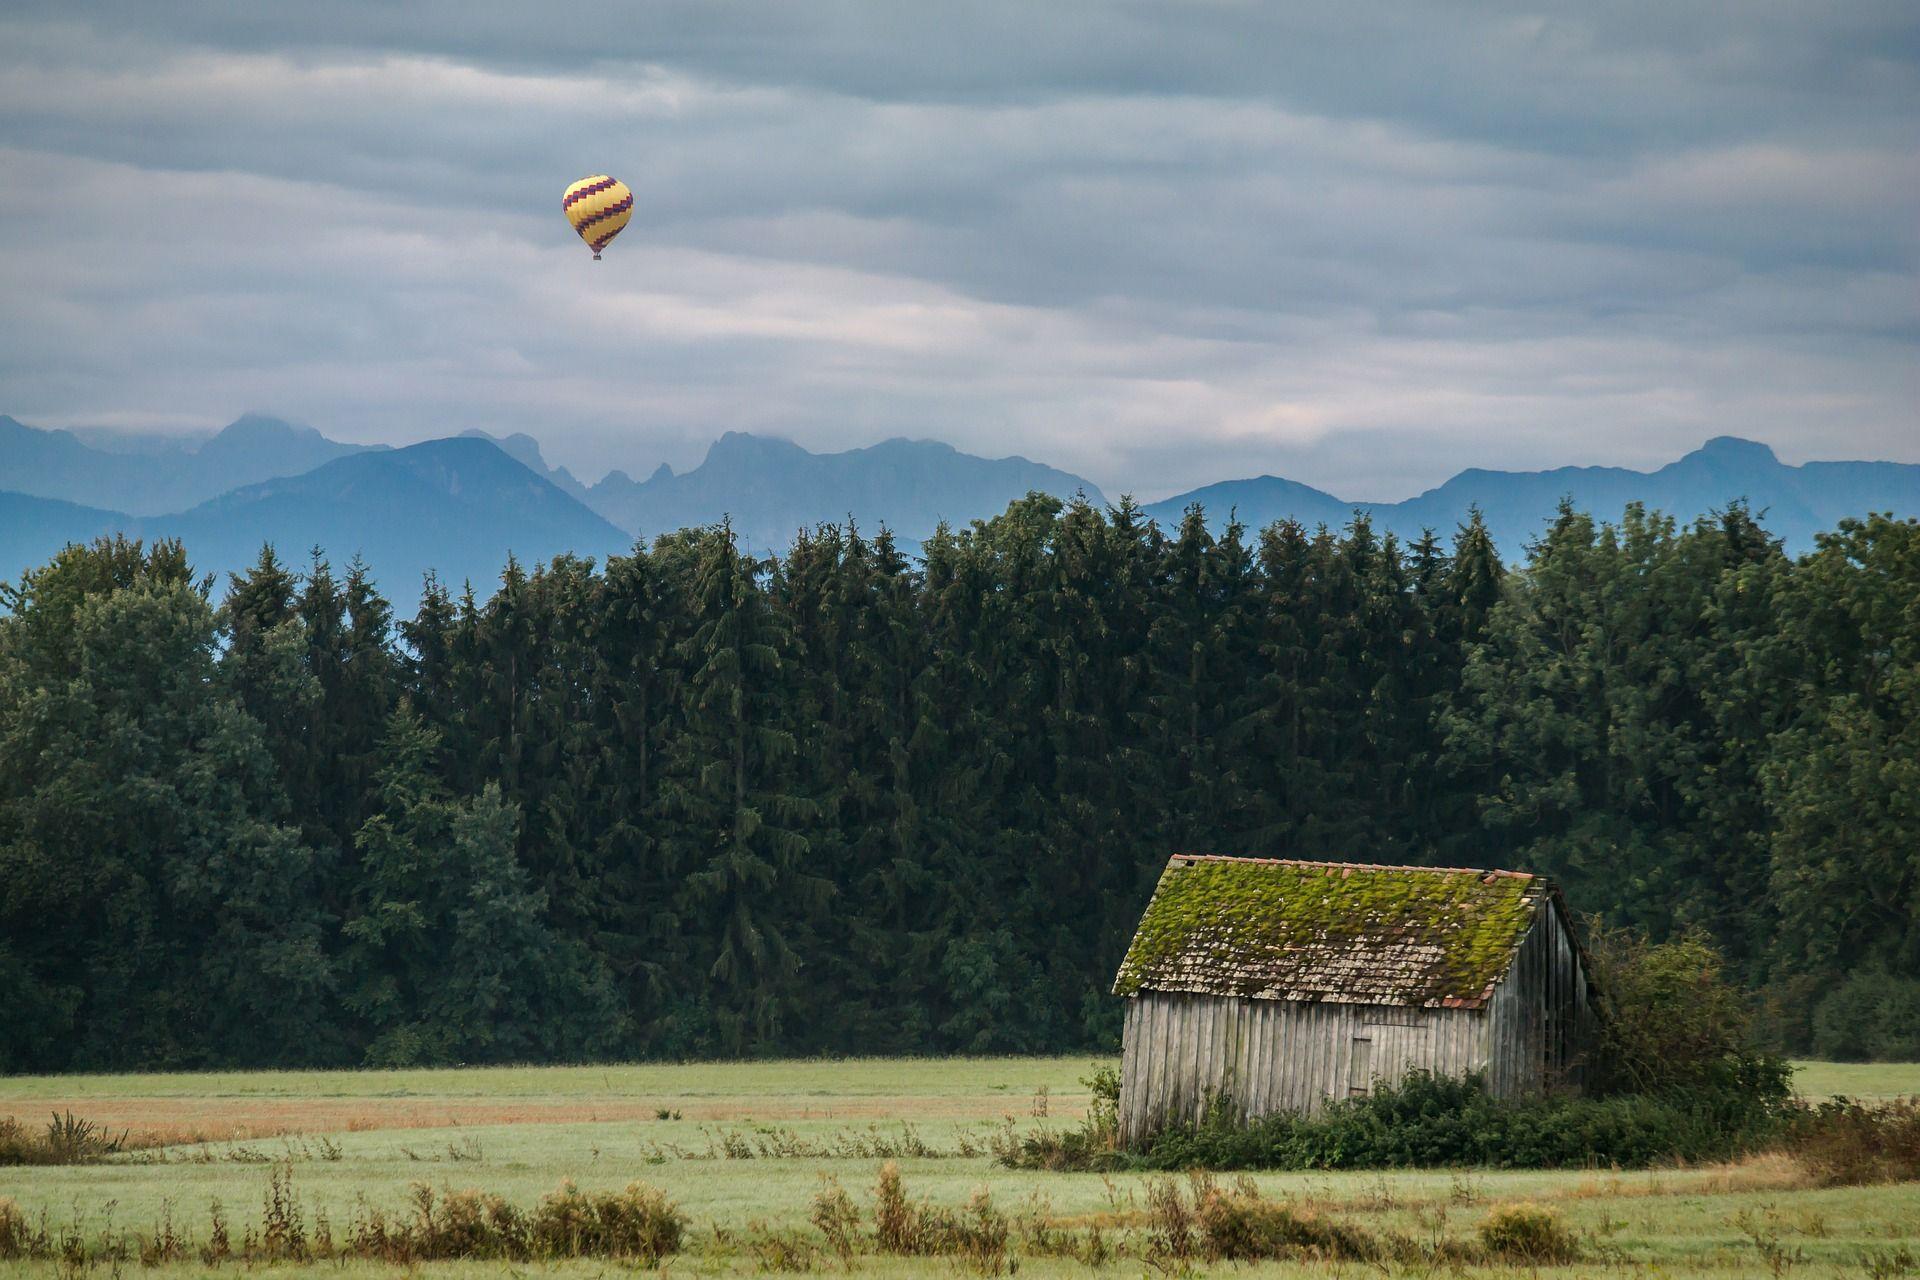 balloon-952649_1920